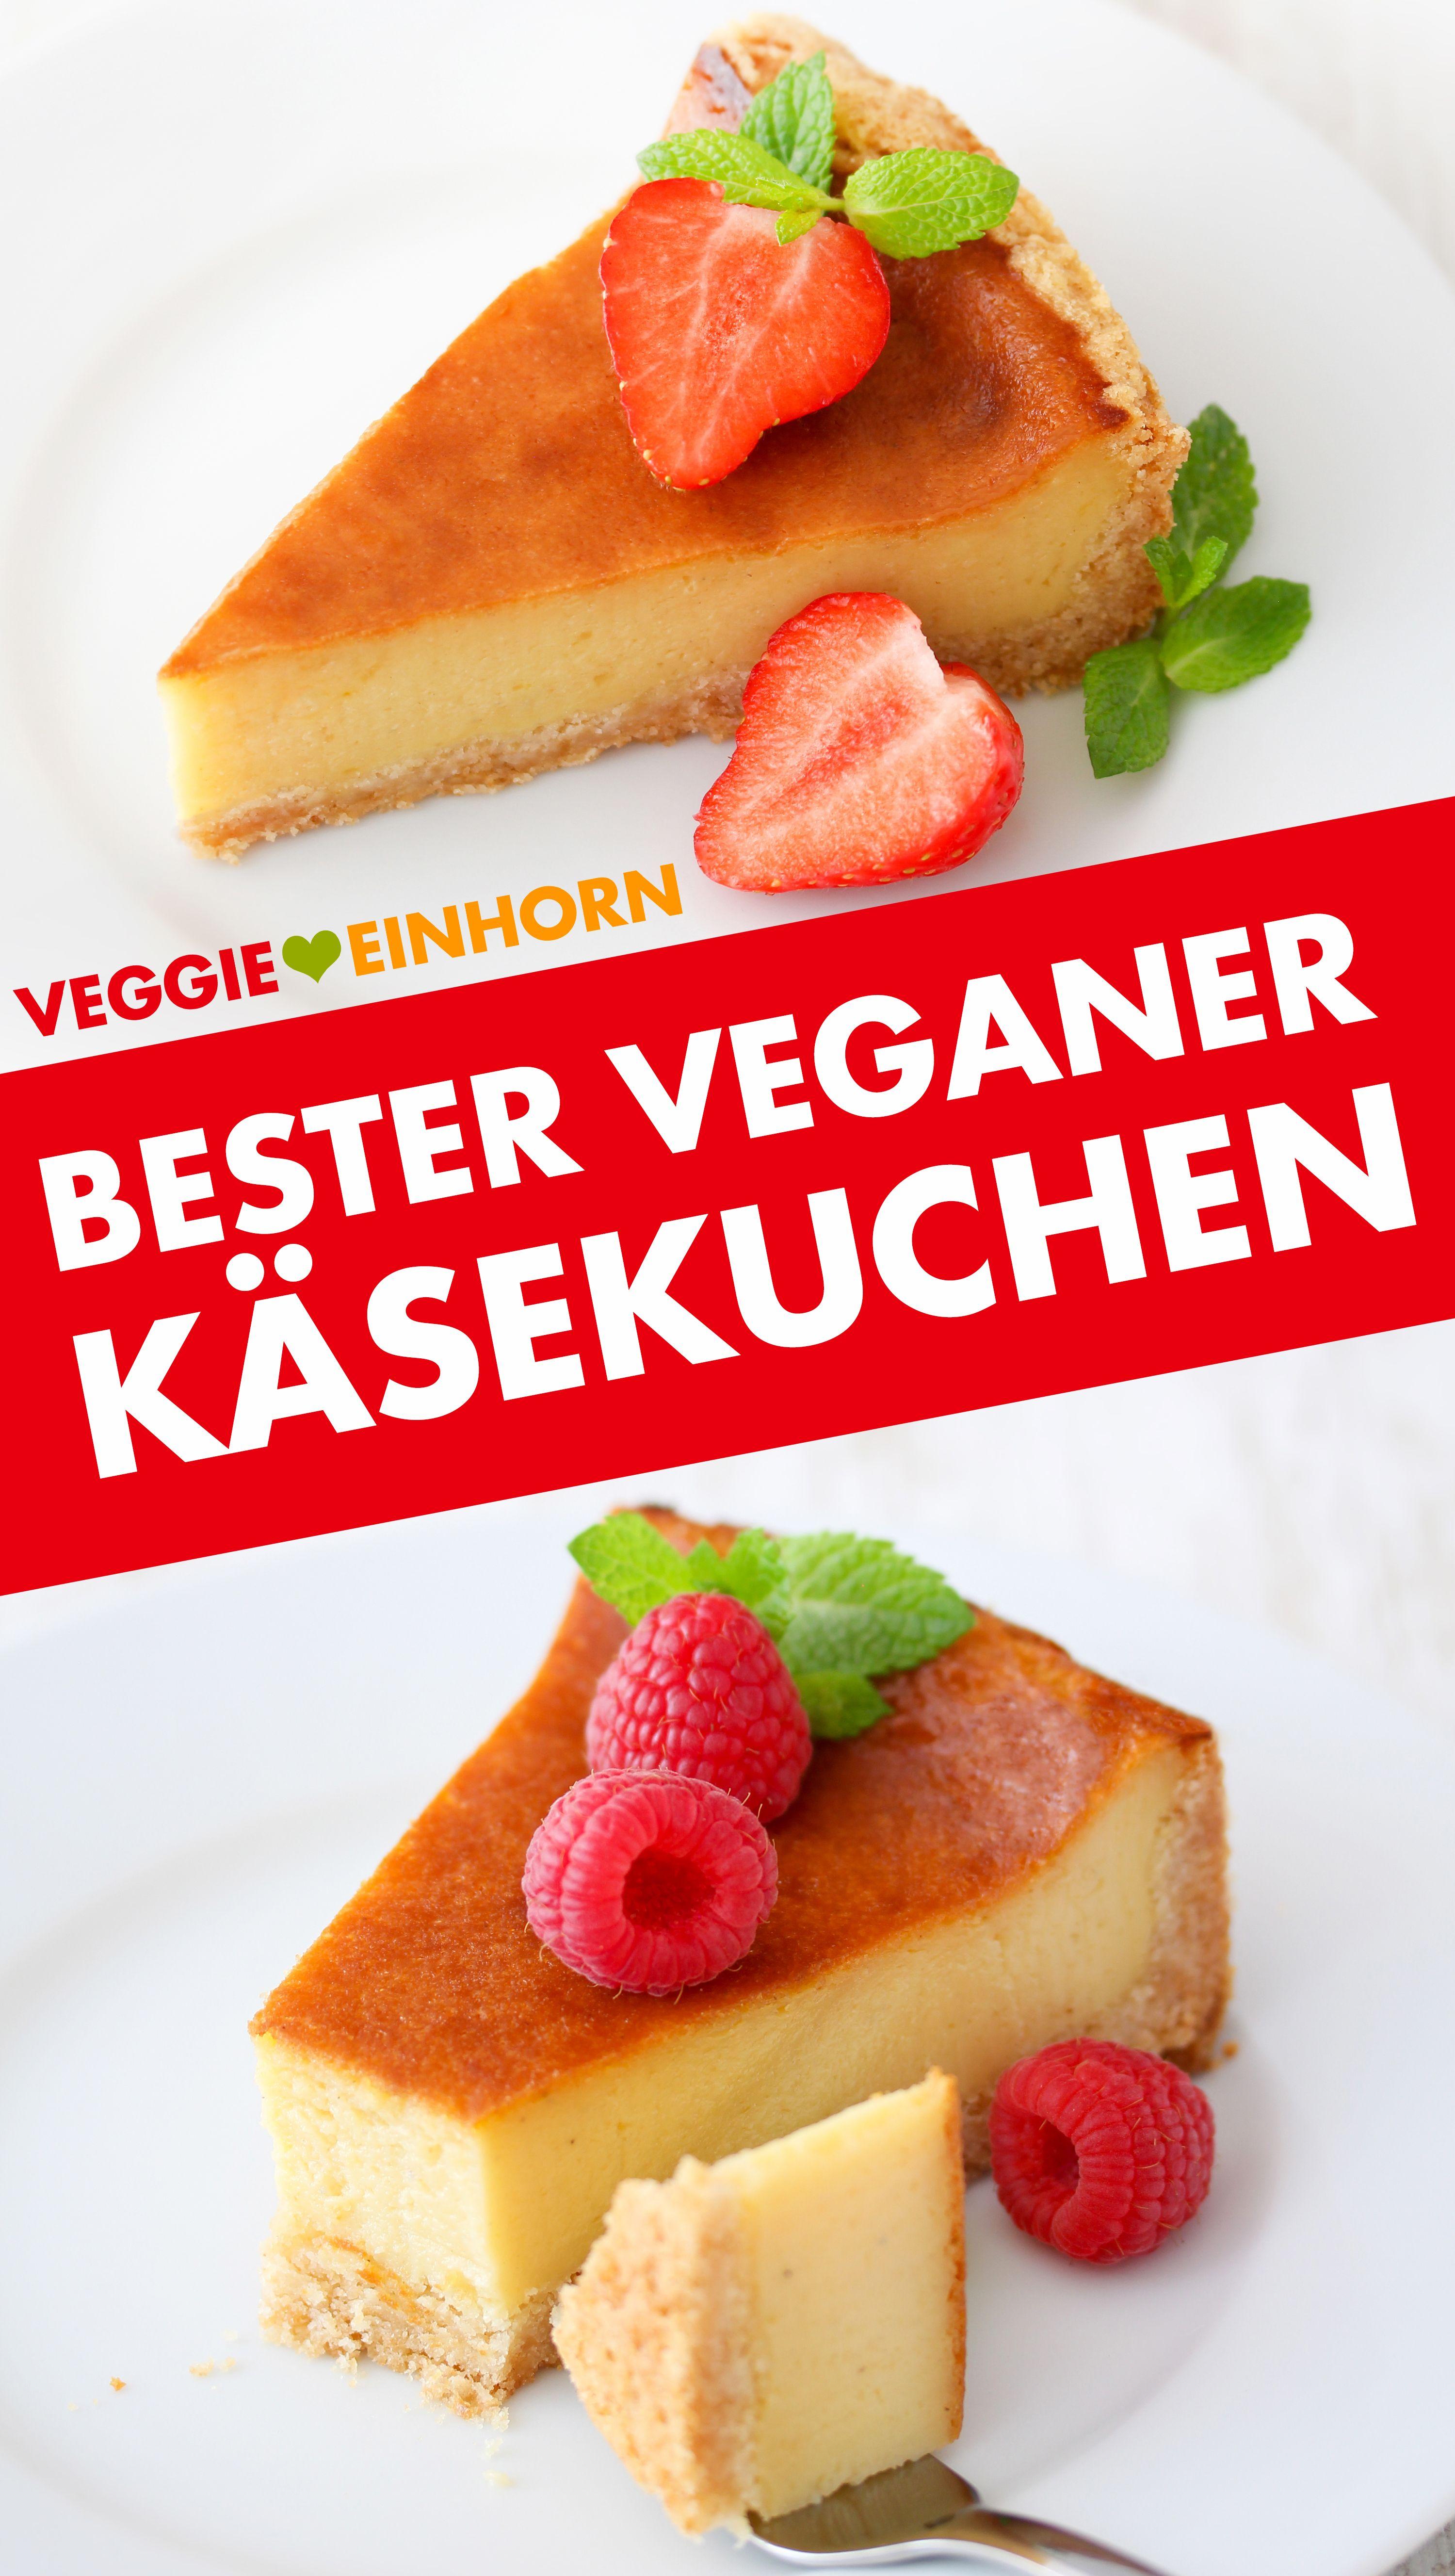 Der beste vegane Käsekuchen ▶ Einfaches Rezept, das immer gelingt ▶ Alle Gäste lieben diesen Kuchen #simplecheesecakerecipe